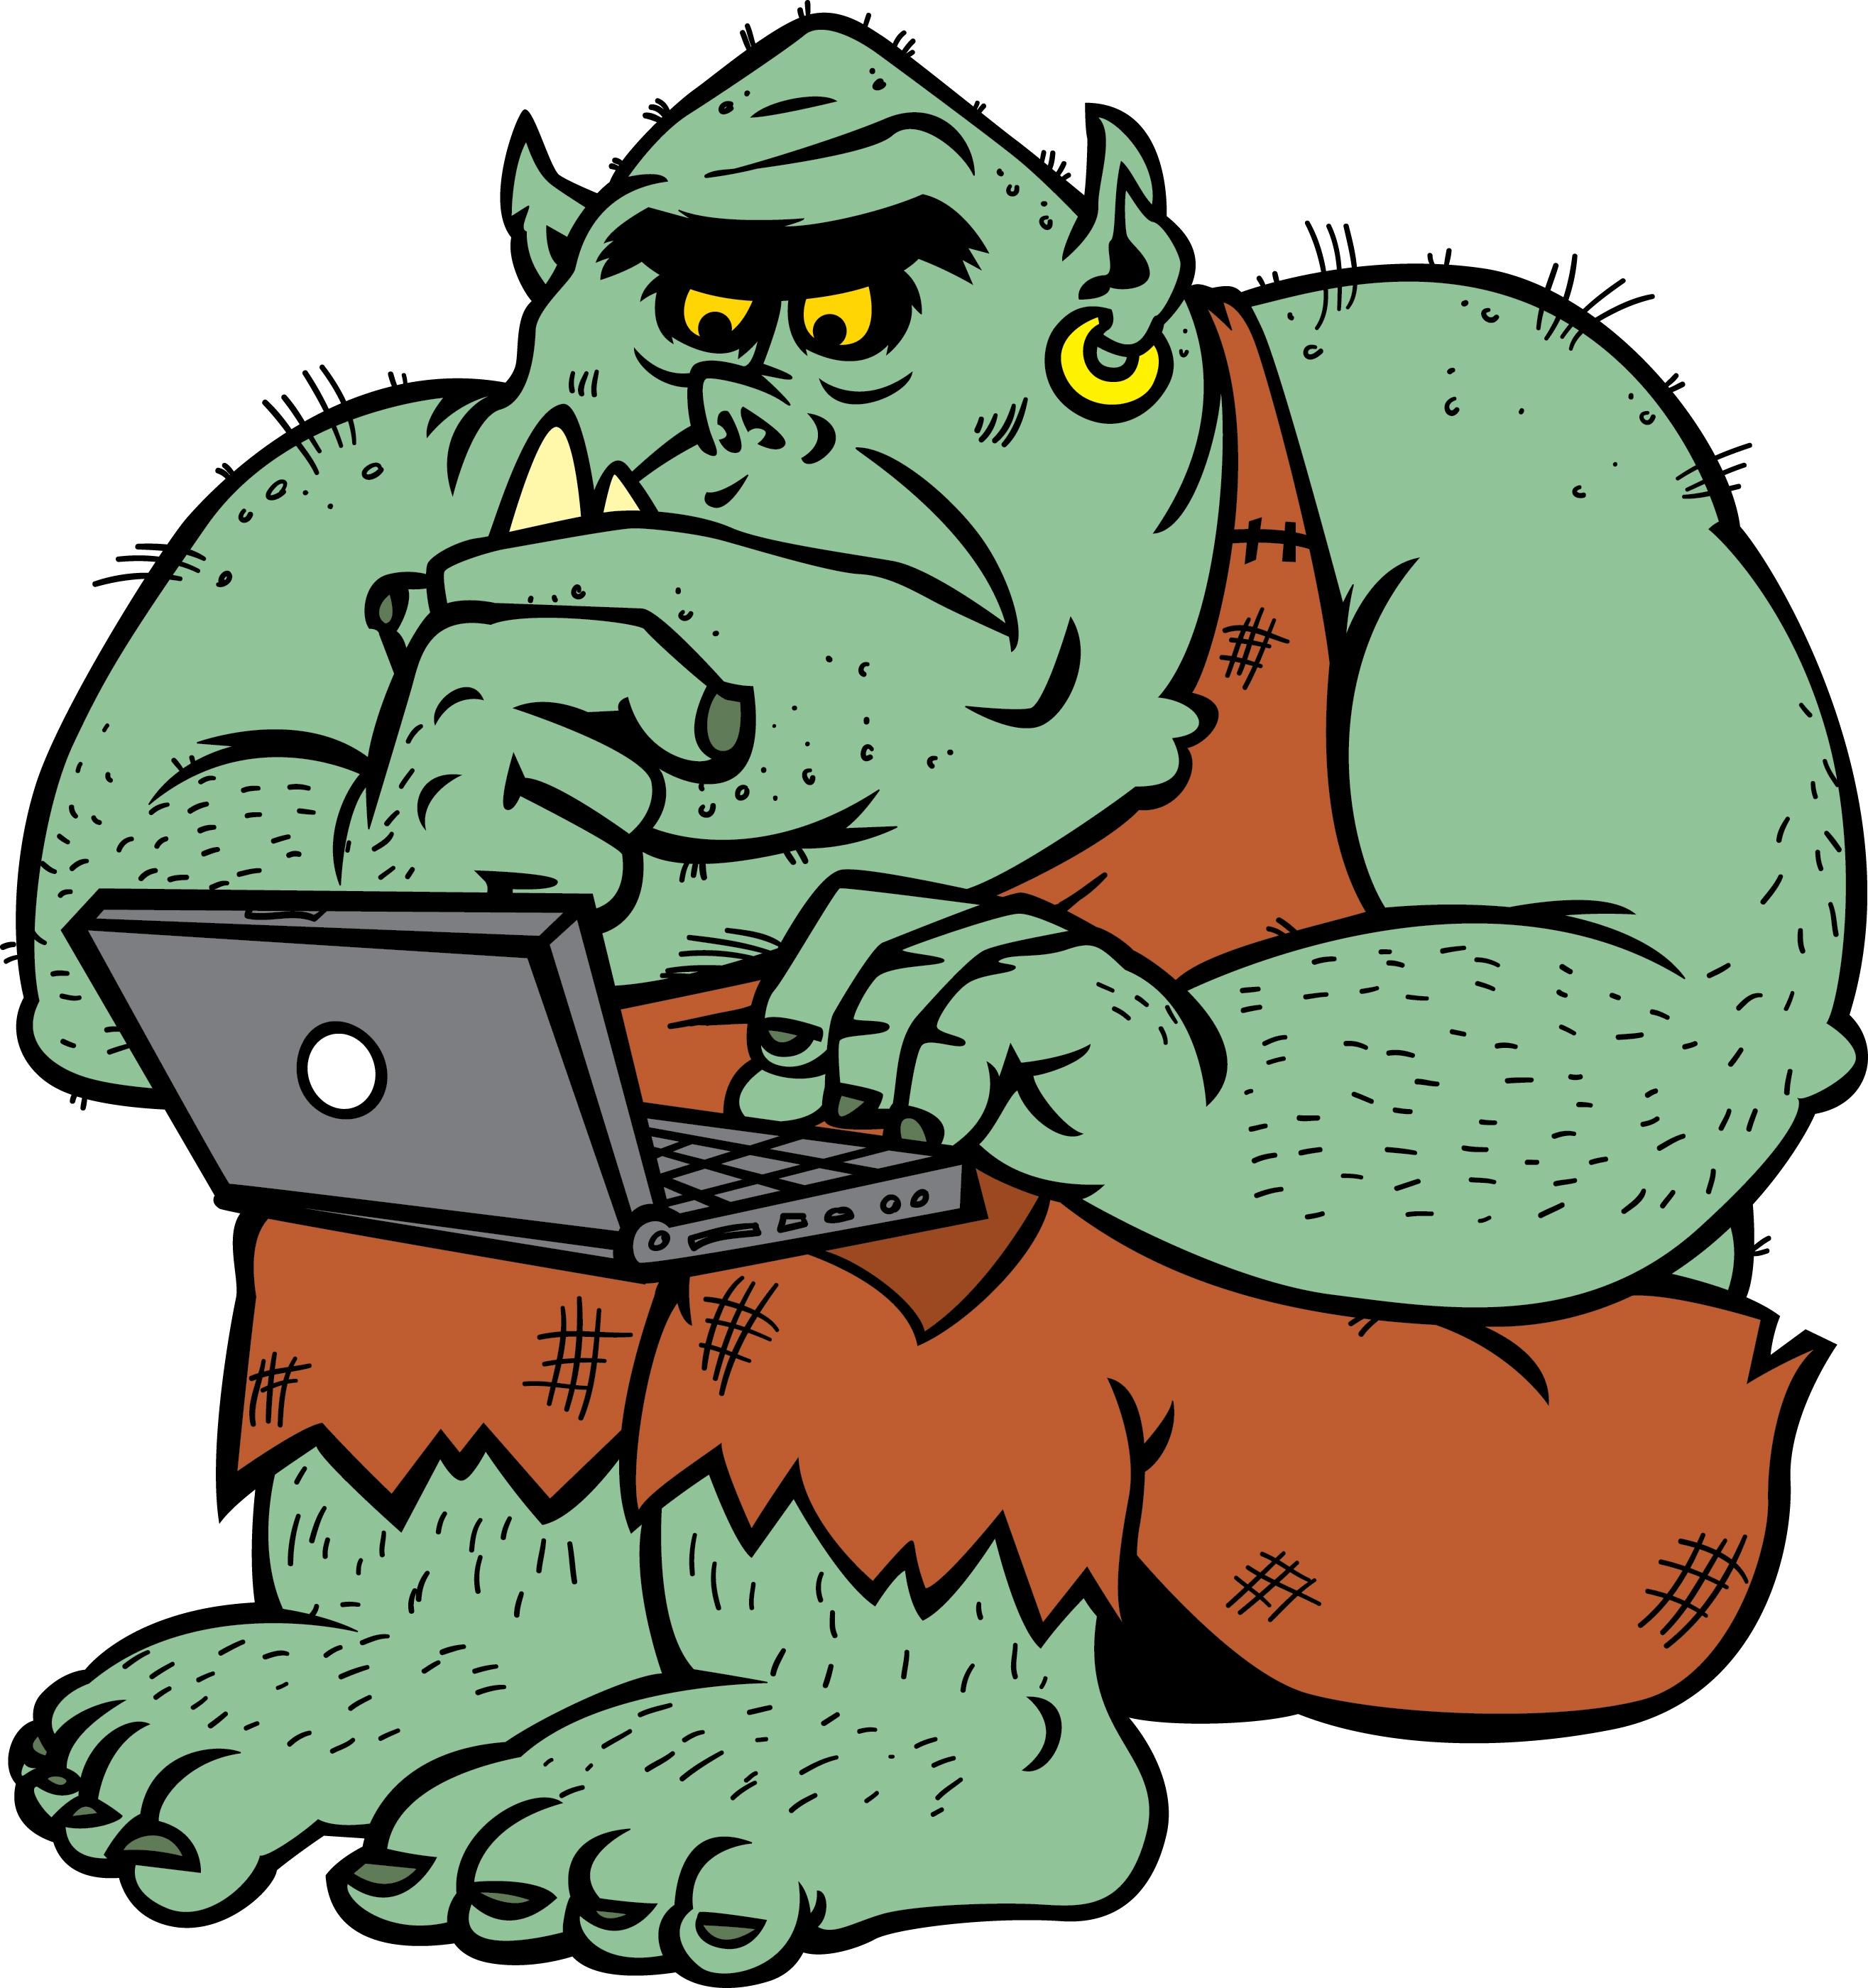 La maladie du troll (sujet sérieux, pas de blagues svp) Internet-Troll